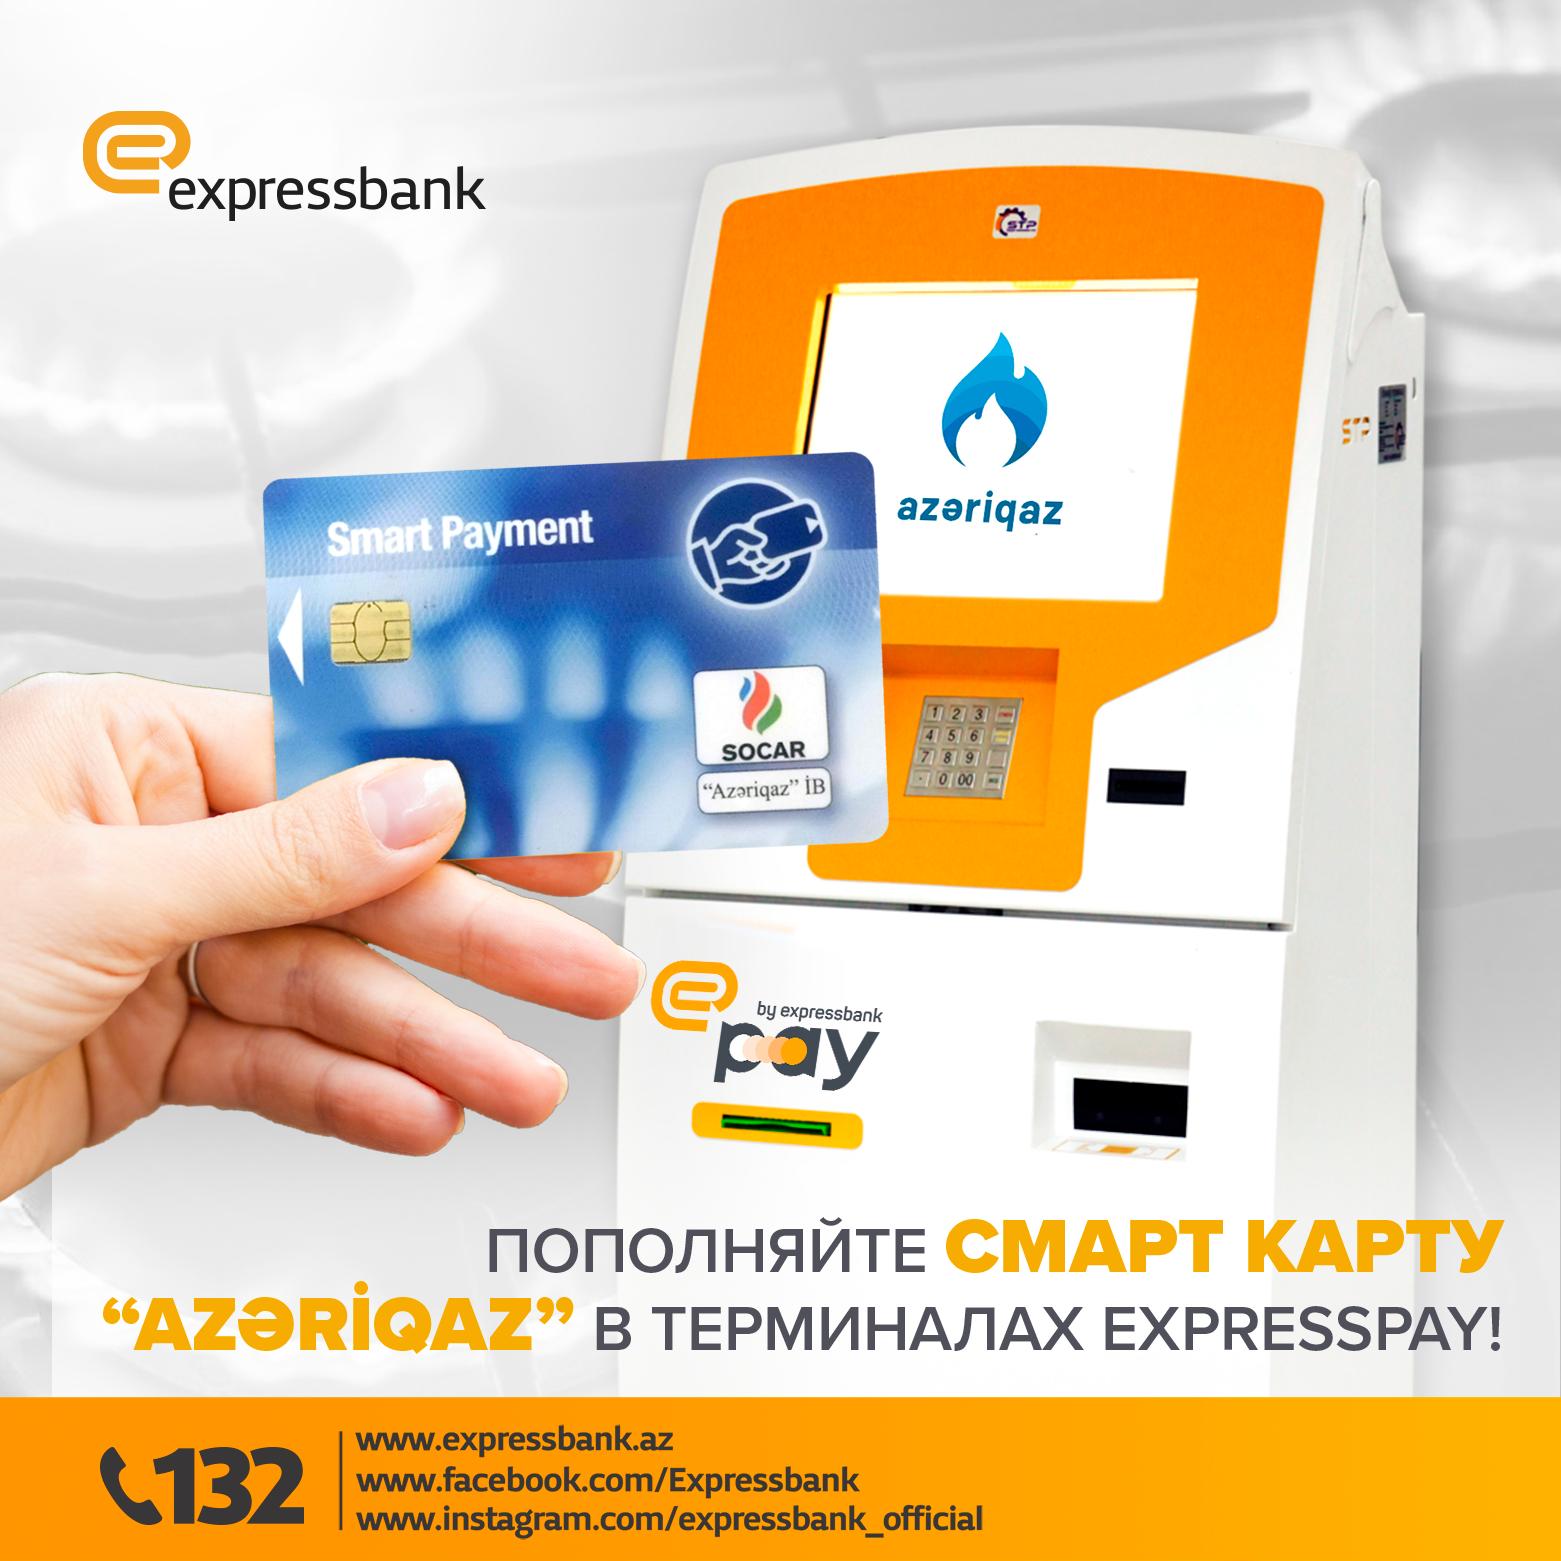 """Новый способ оплаты смарткарты  """"Azəriqaz""""!"""